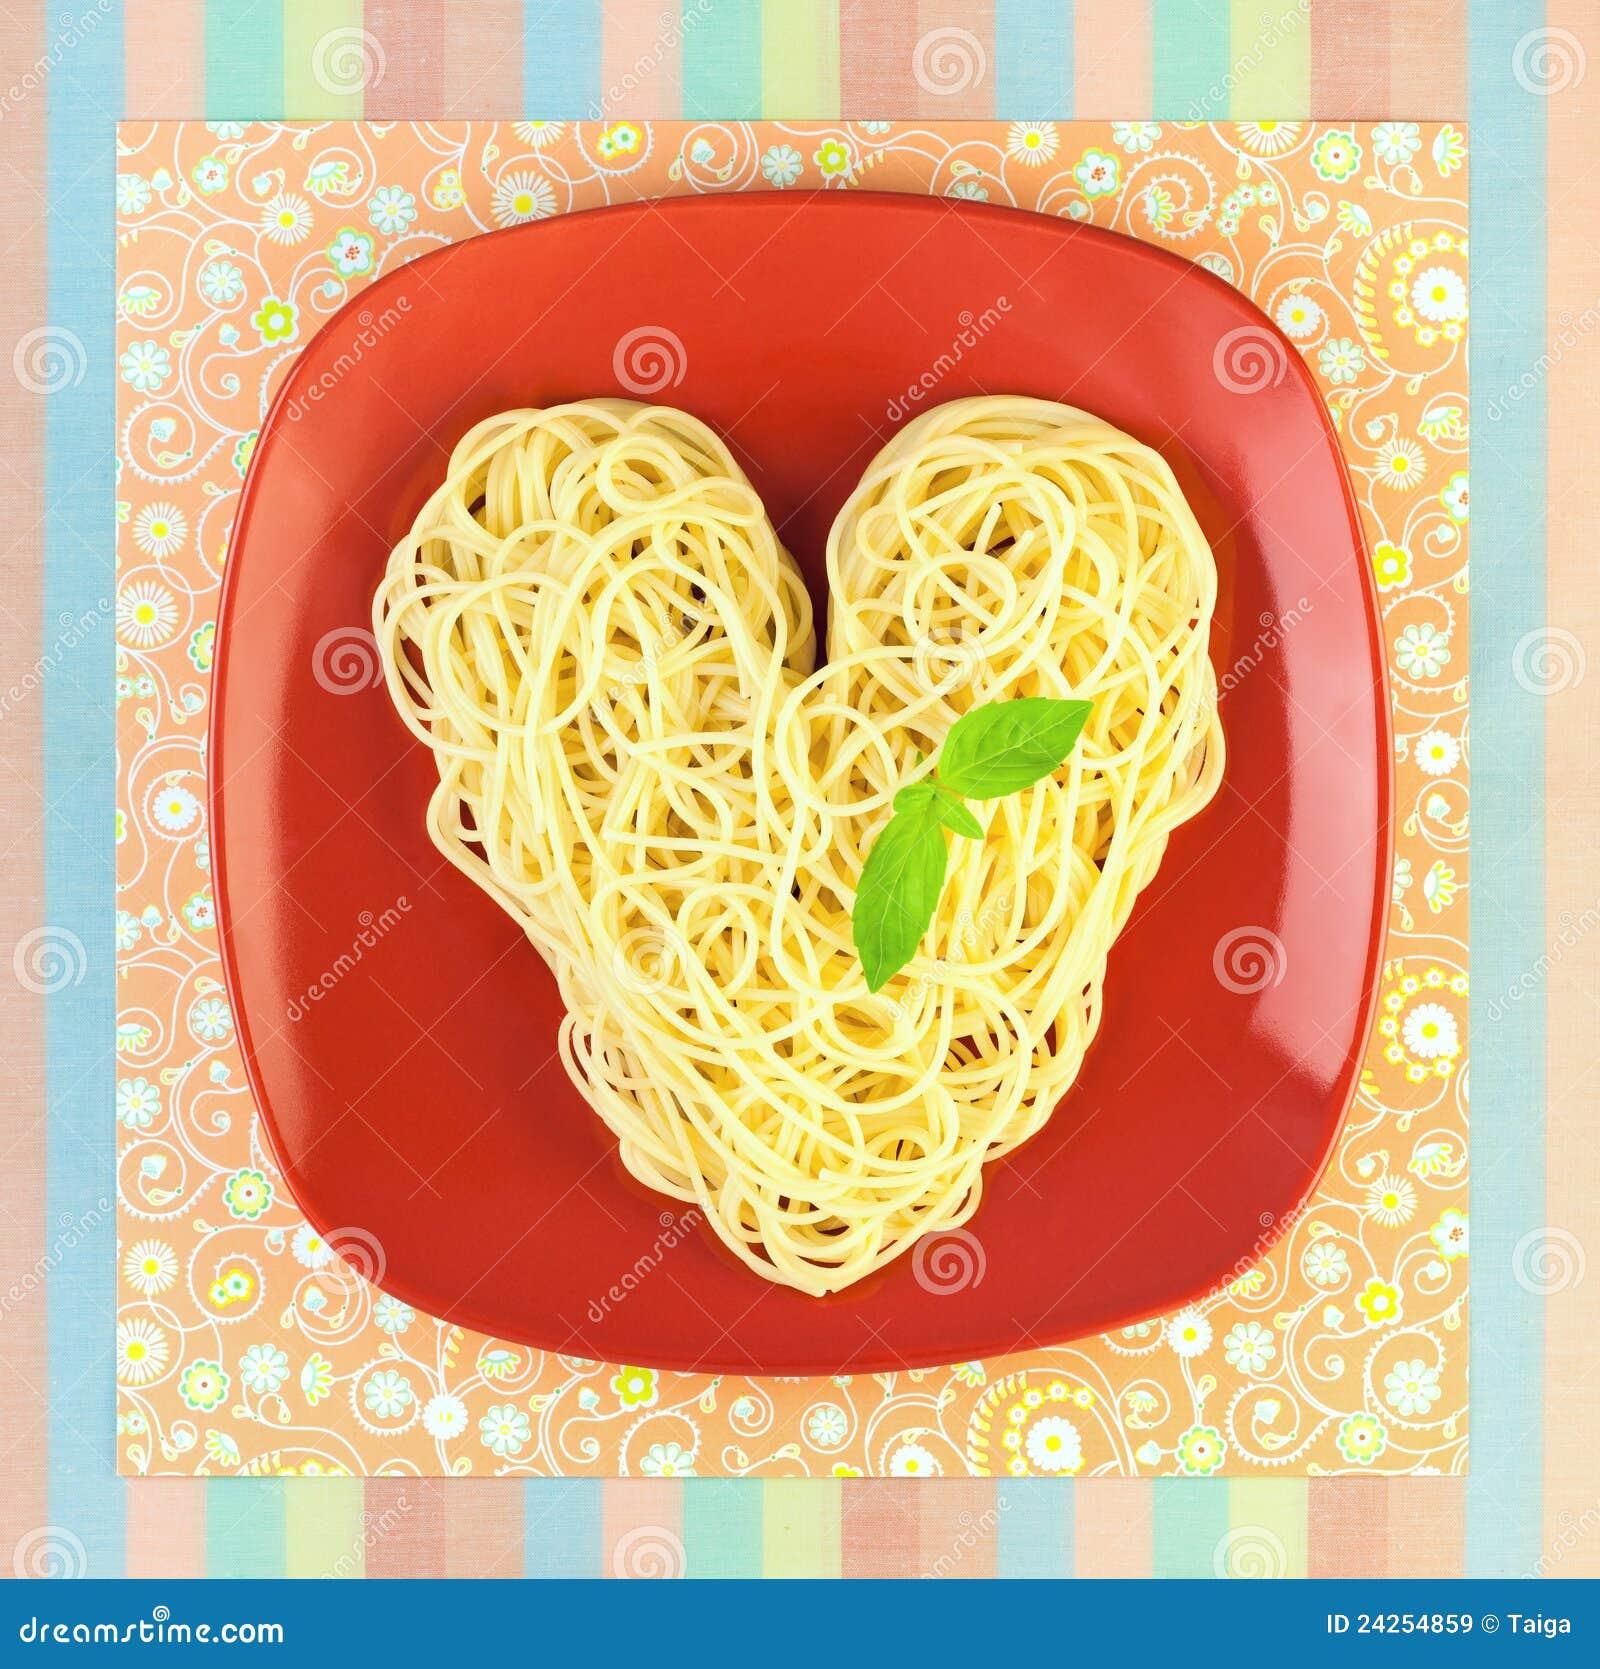 I Love Pasta Spaghetti Heart Shape Royalty Free Stock